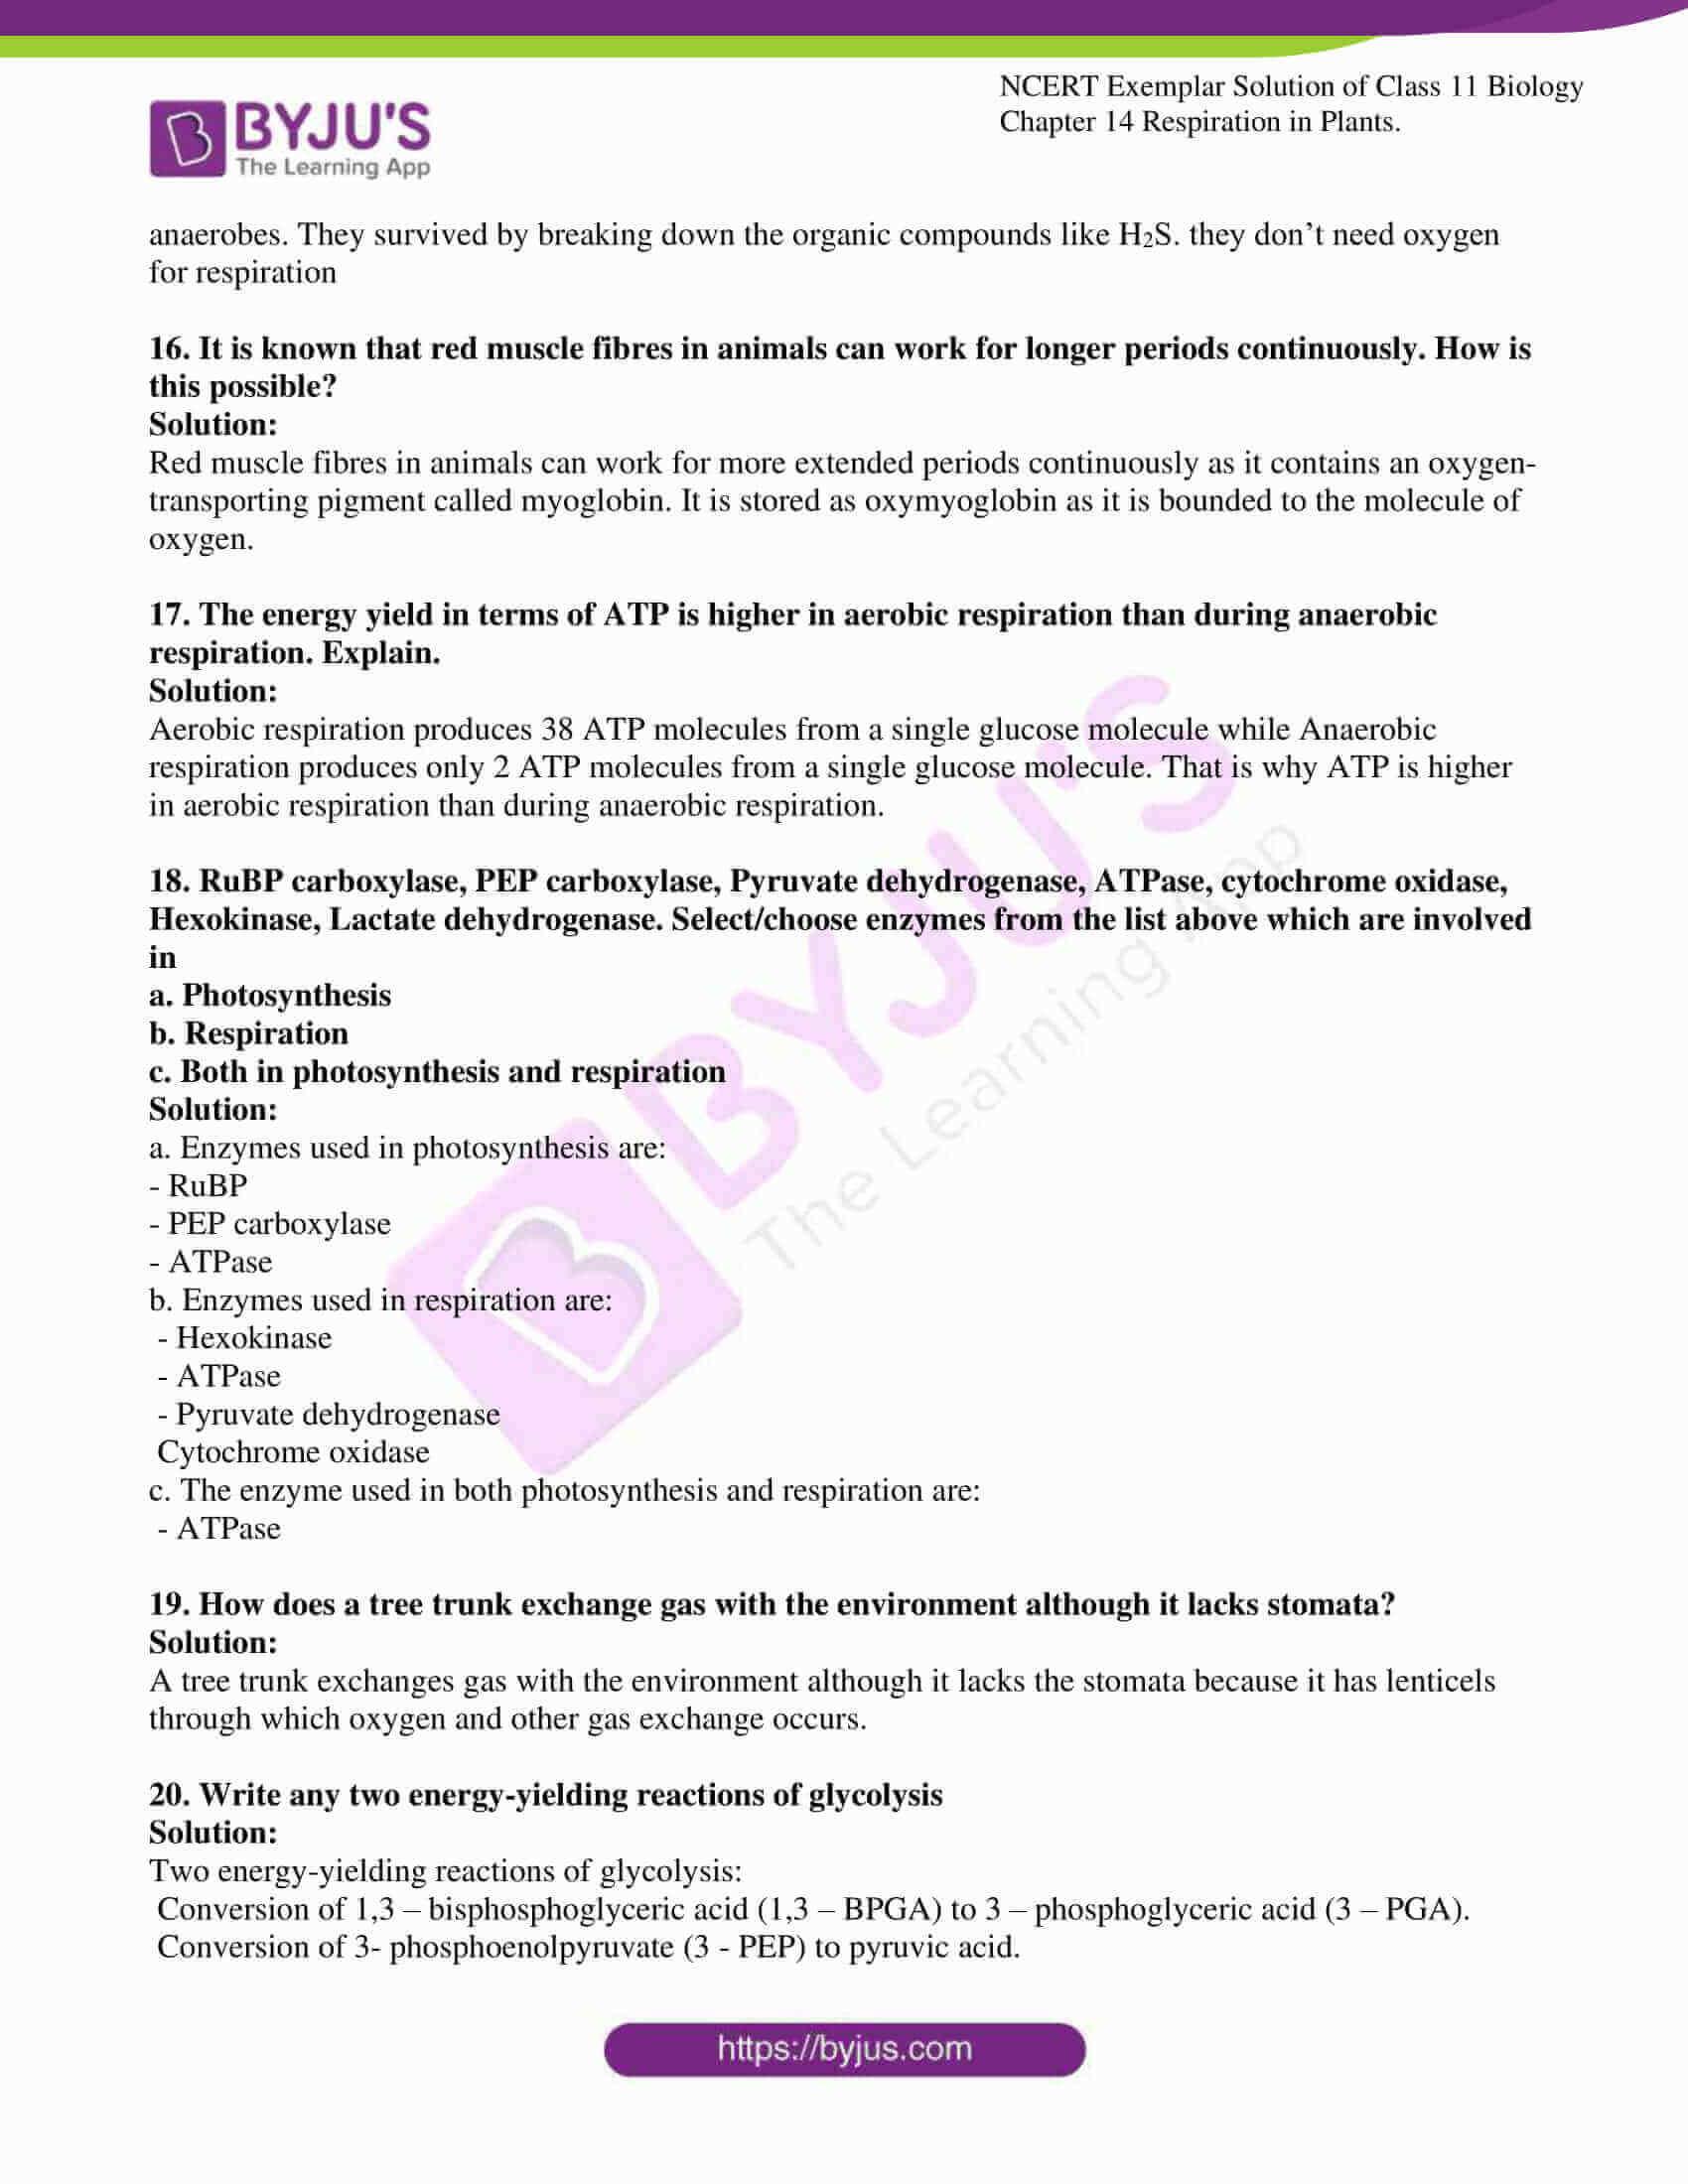 ncert exemplar solutions class 11 biology chapter 14 09